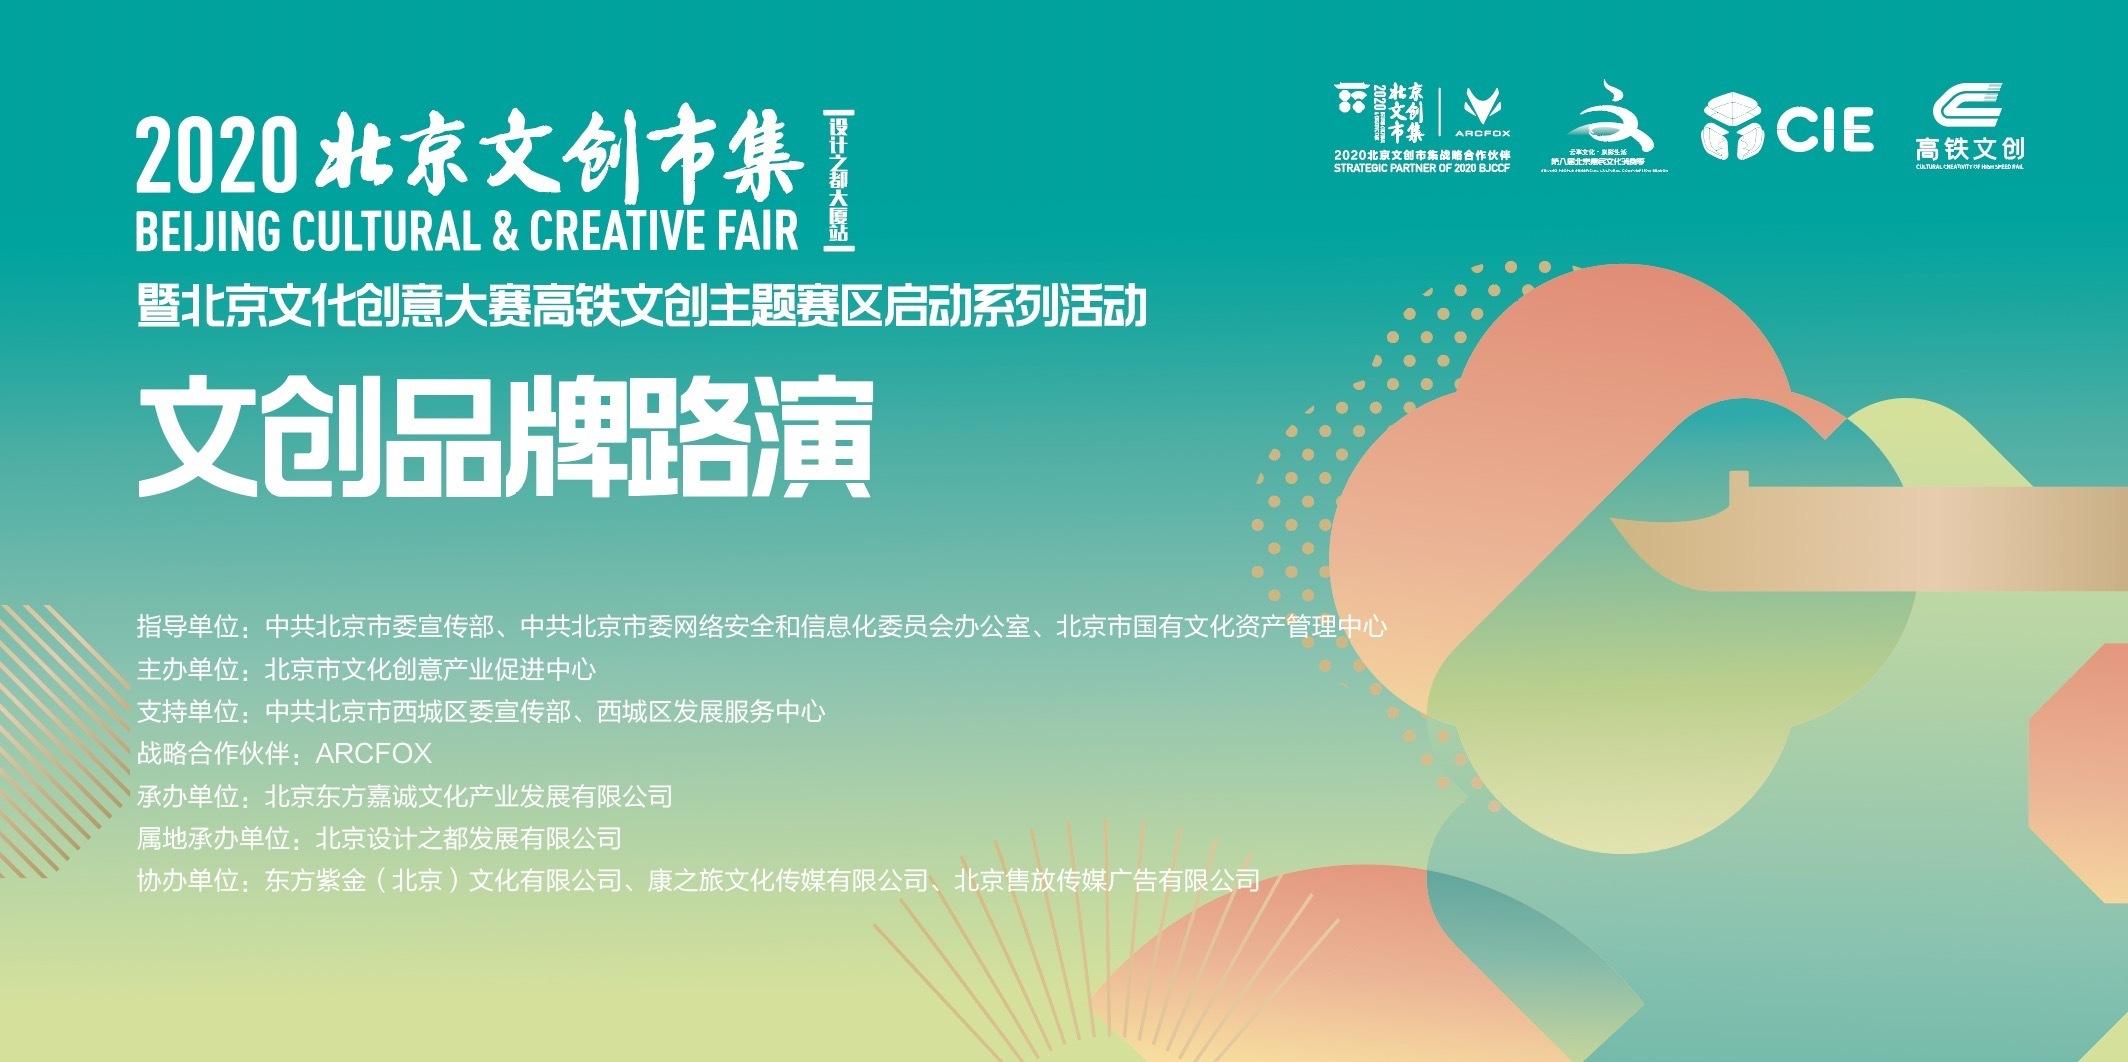 2020北京文创市集(第十站)设计之都大厦站文创品牌路演